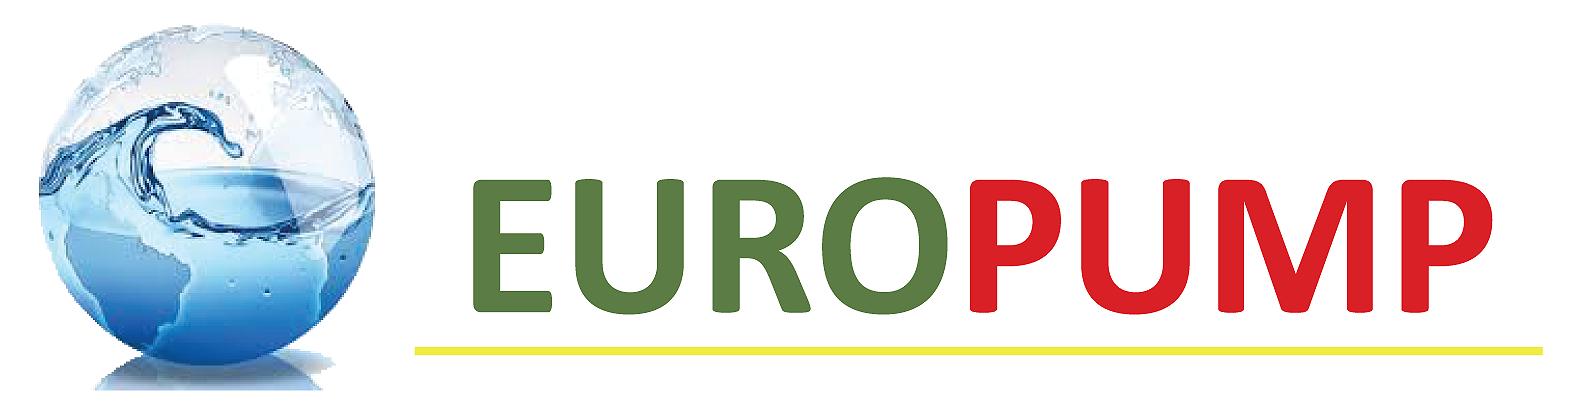 [Image: EuroPump_logo.png]